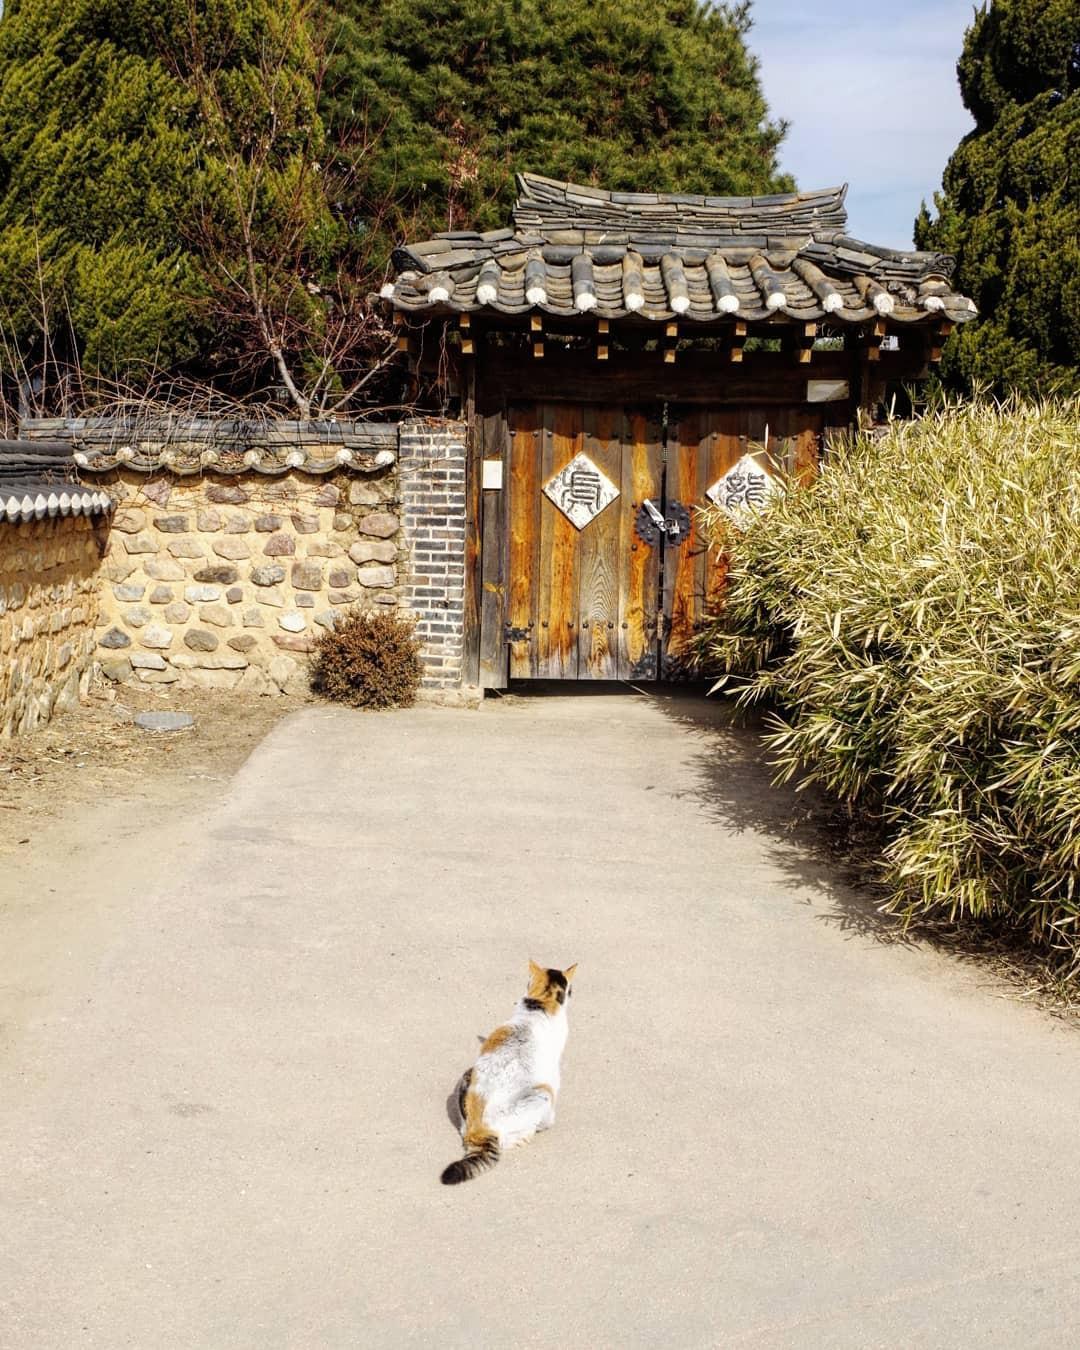 Thong thong khám phá văn hóa truyền thống tại 5 ngôi làng cổ đặc sắc nhất xứ Hàn - Ảnh 13.